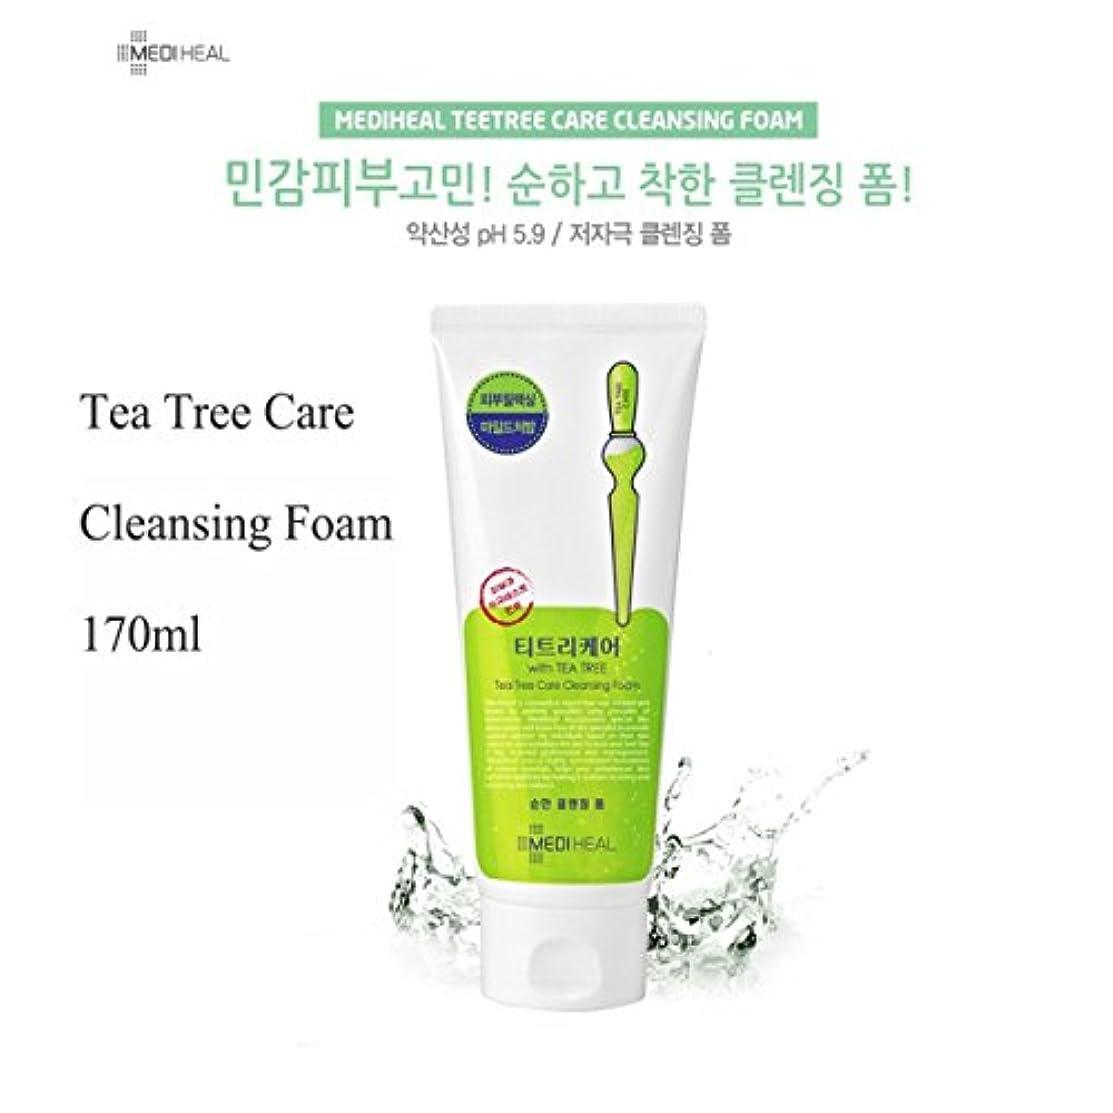 ヘッドレス粗い憧れMEDIHEAL Tea Tree Foam Cleansing 170ml/メディヒール ティー ツリー フォーム クレンジング 170ml